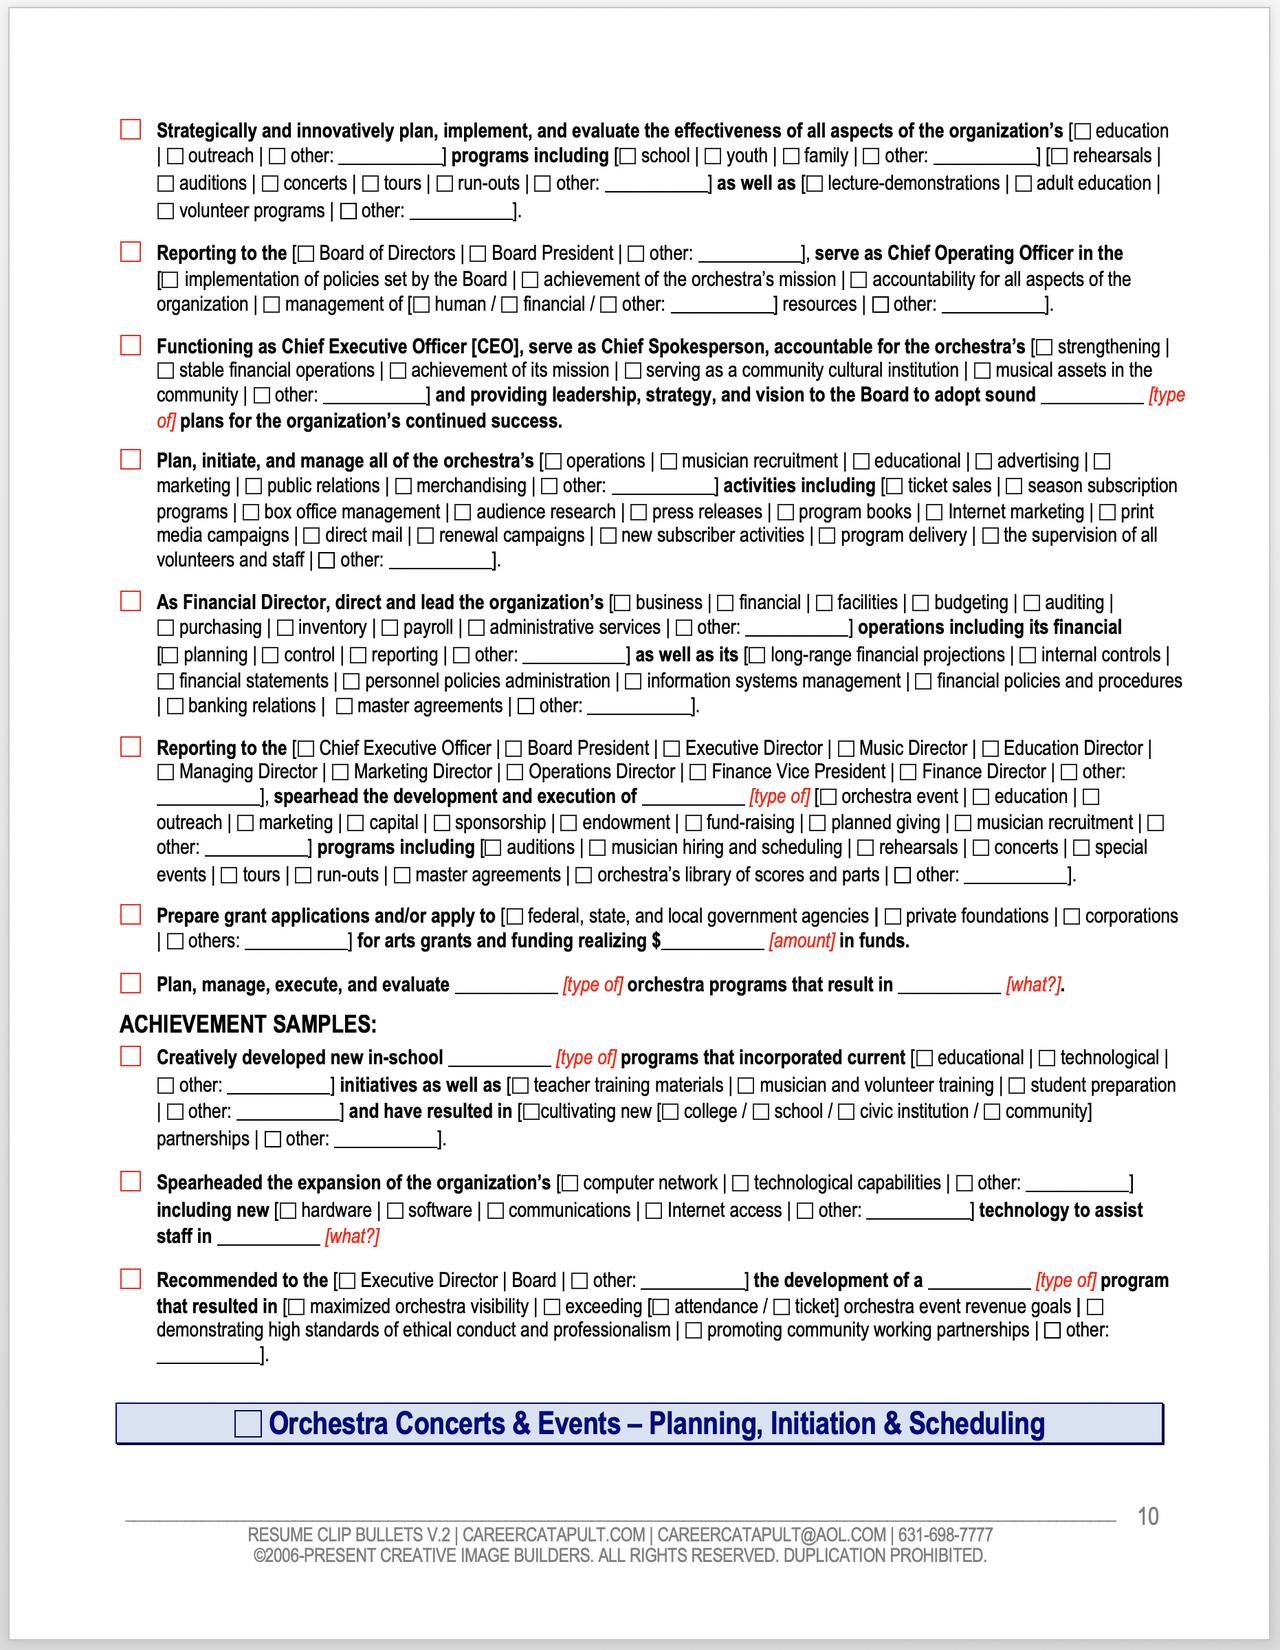 resume clipbullets sample - pg.10.png